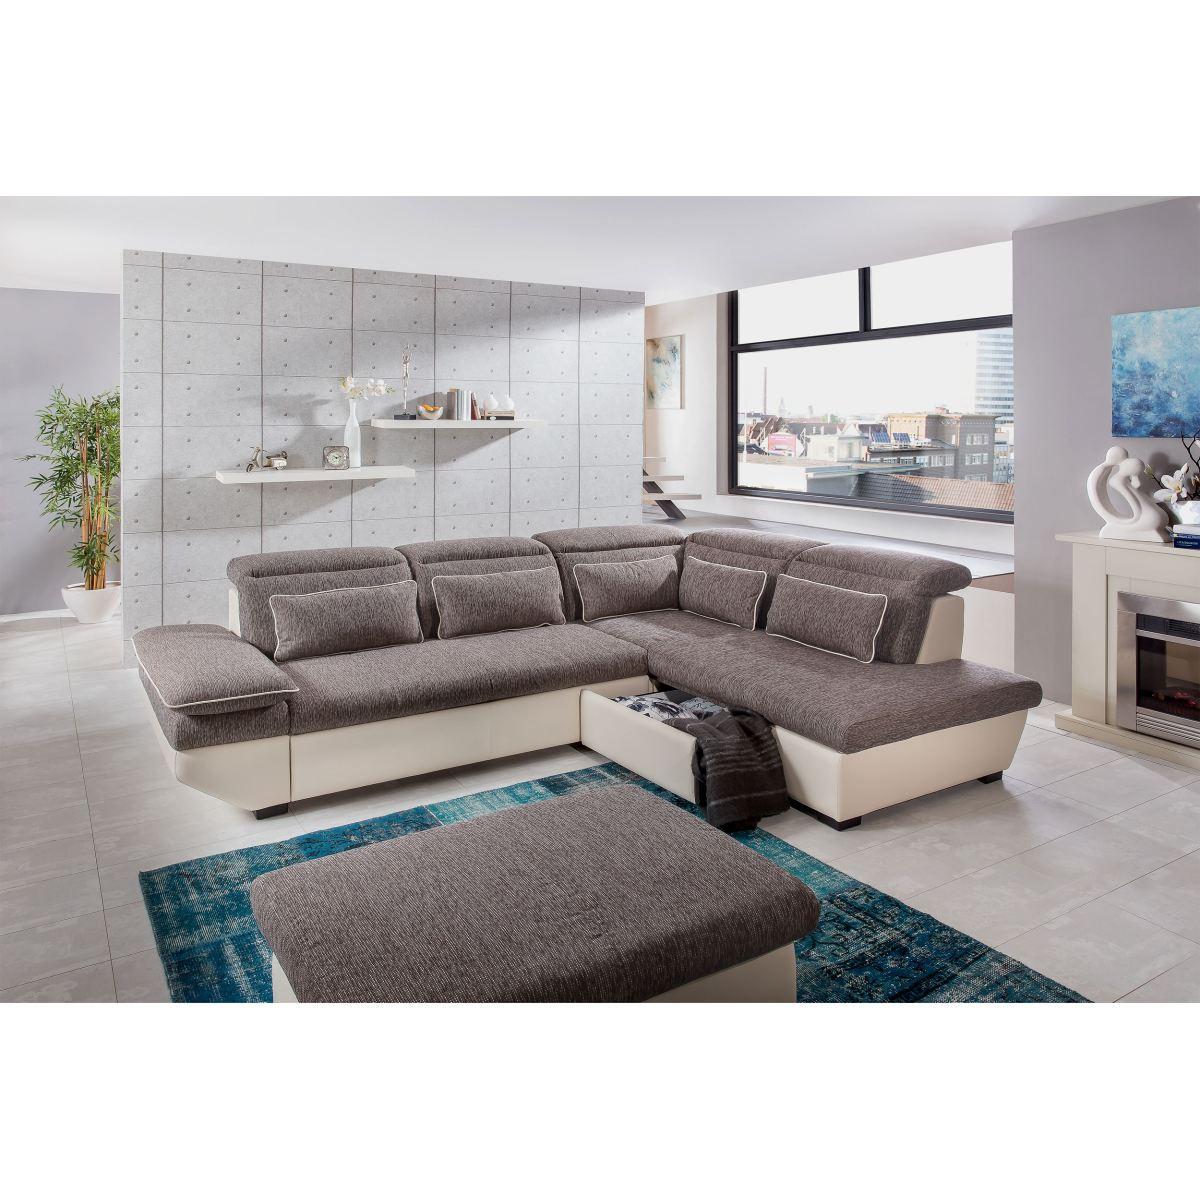 rundecke im lederlook in beige porta porta m bel. Black Bedroom Furniture Sets. Home Design Ideas